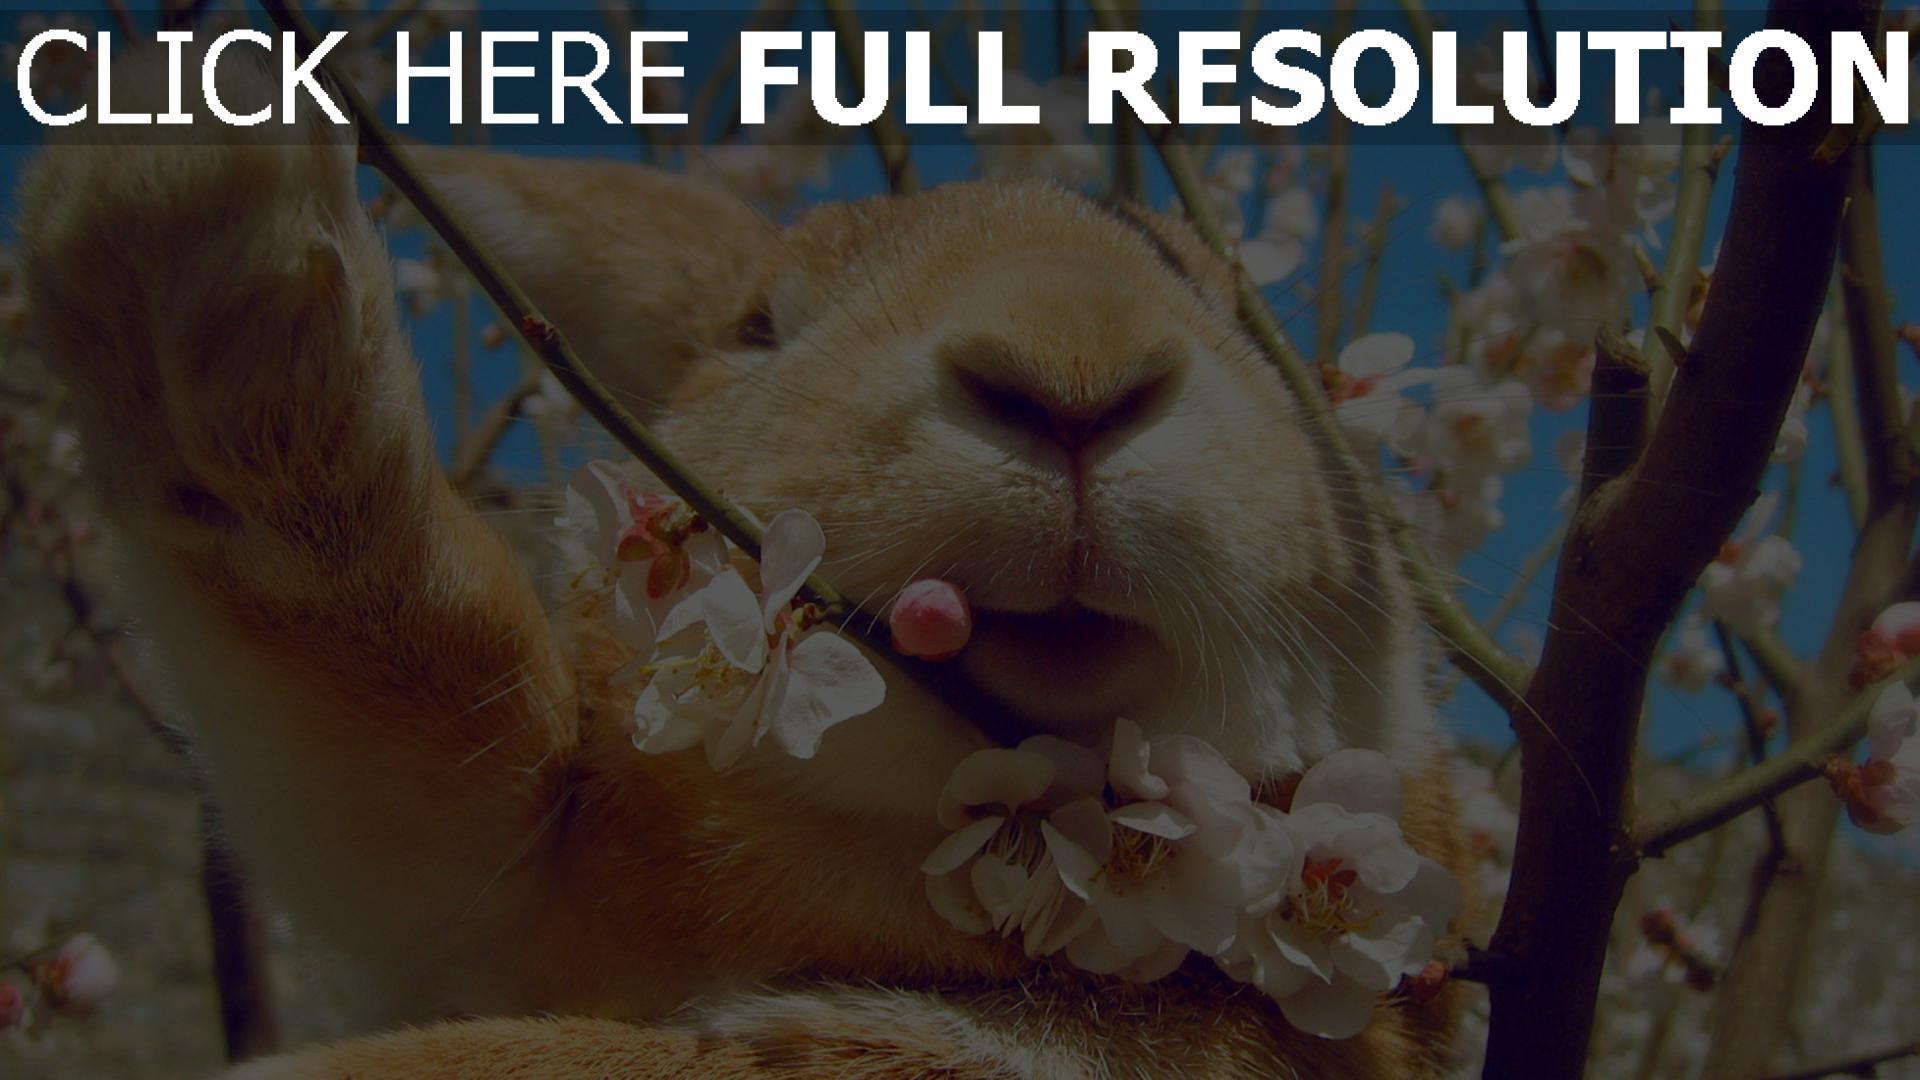 Hd Hintergrundbilder Frühling Gesicht Blumen Kaninchen Desktop